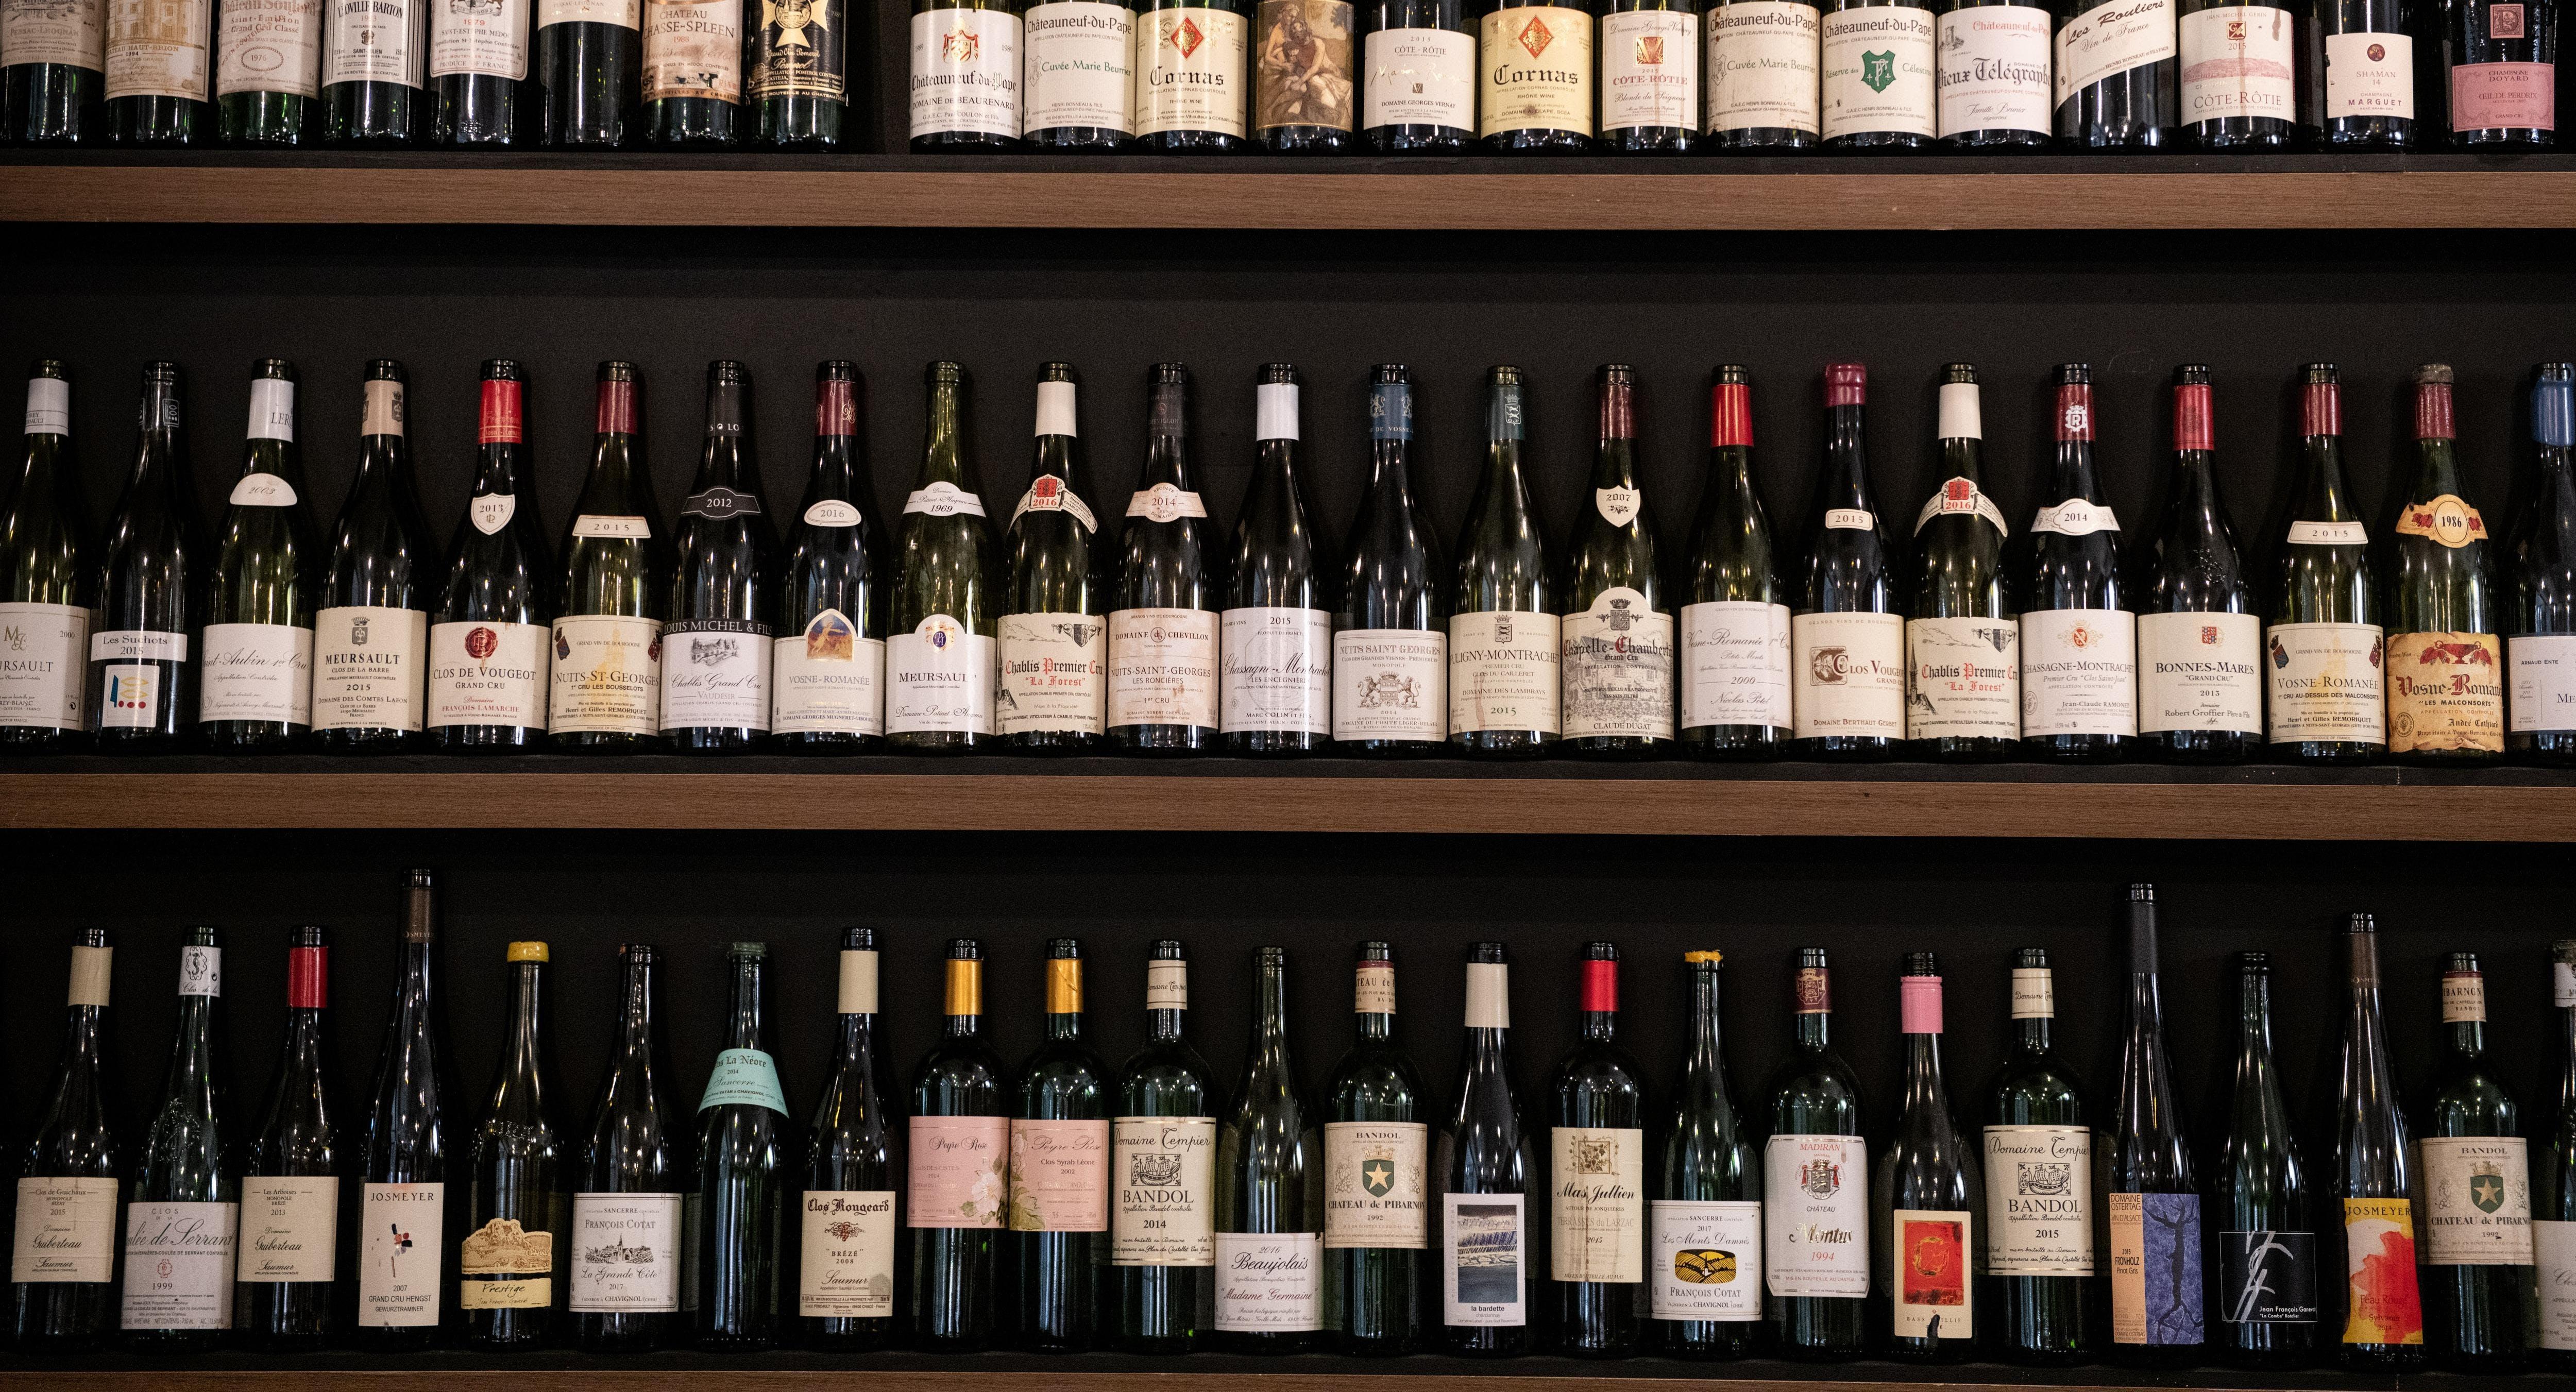 Le Quinze Vins - Mid-Levels